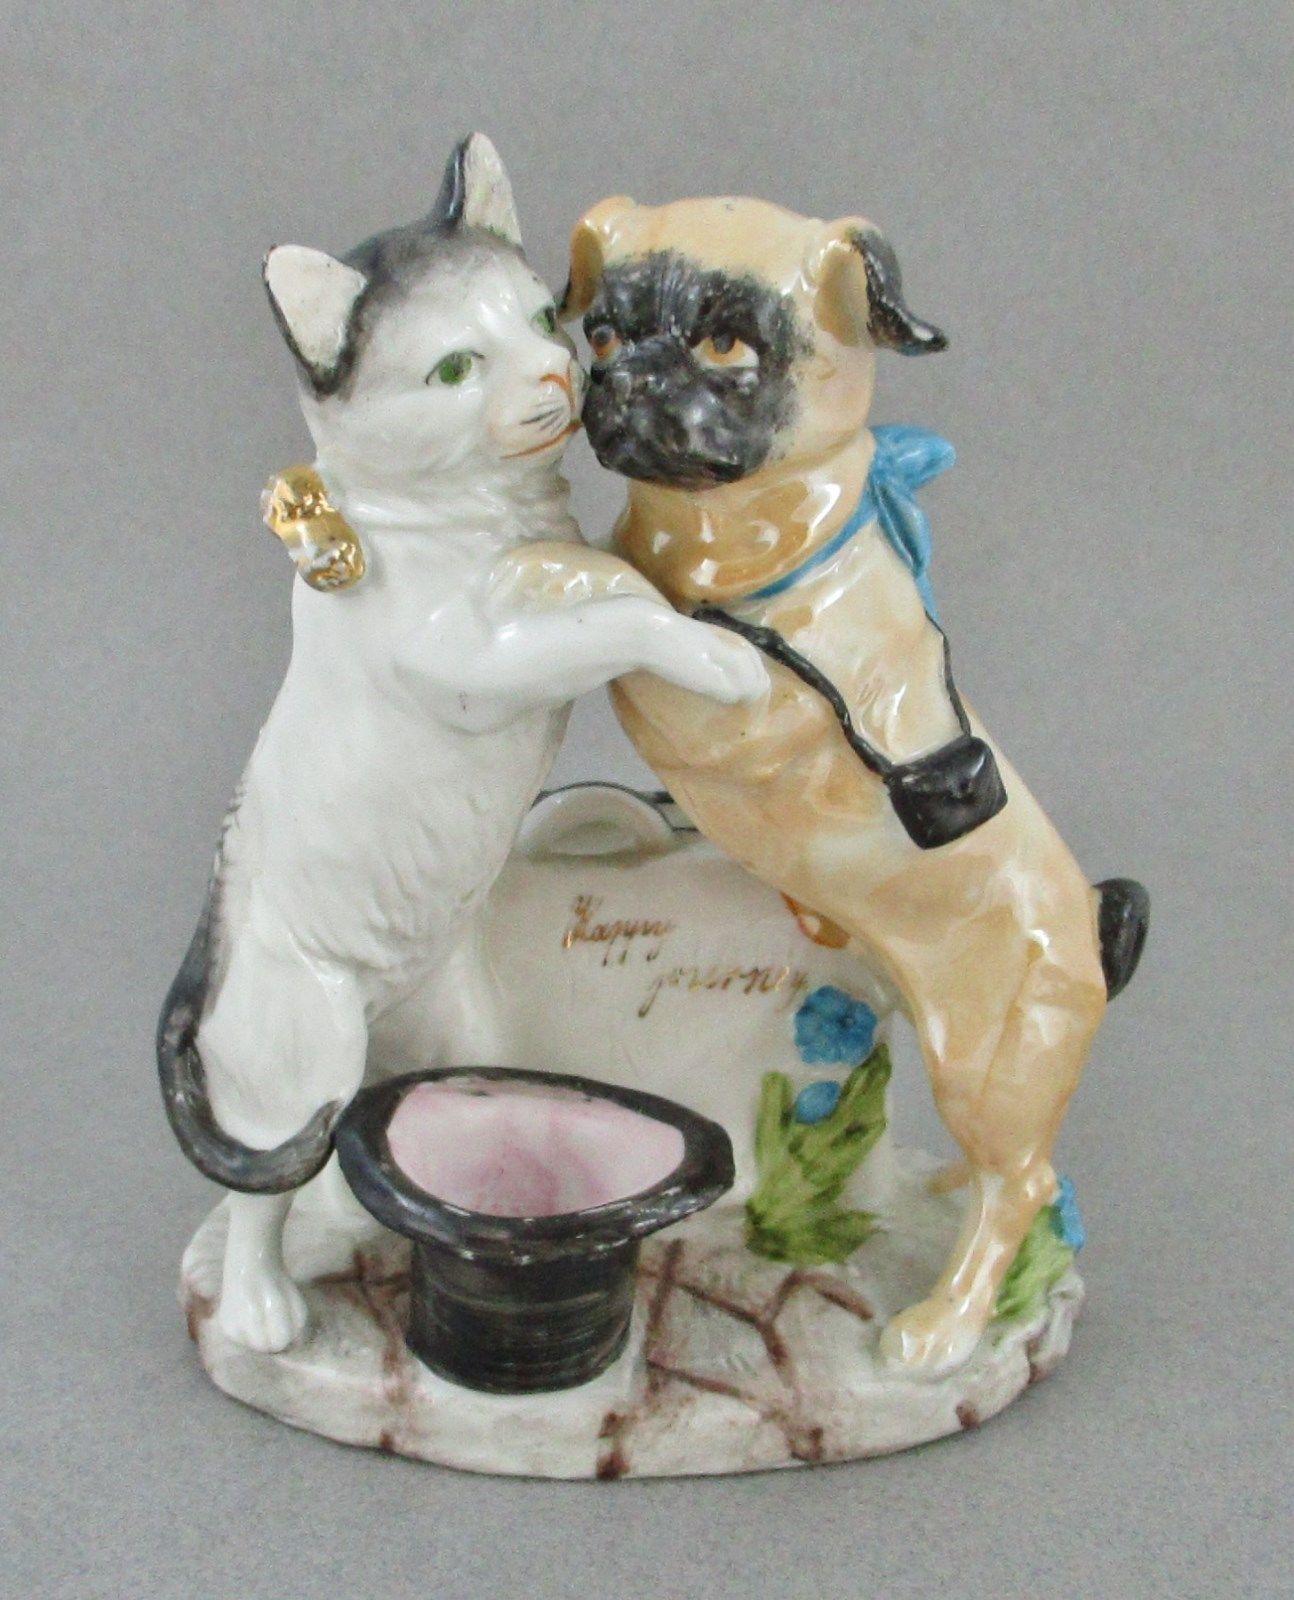 Antique Germany Bisque Porcelain Cat & Pug Dog Match or Toothpick Holder NICE | eBay